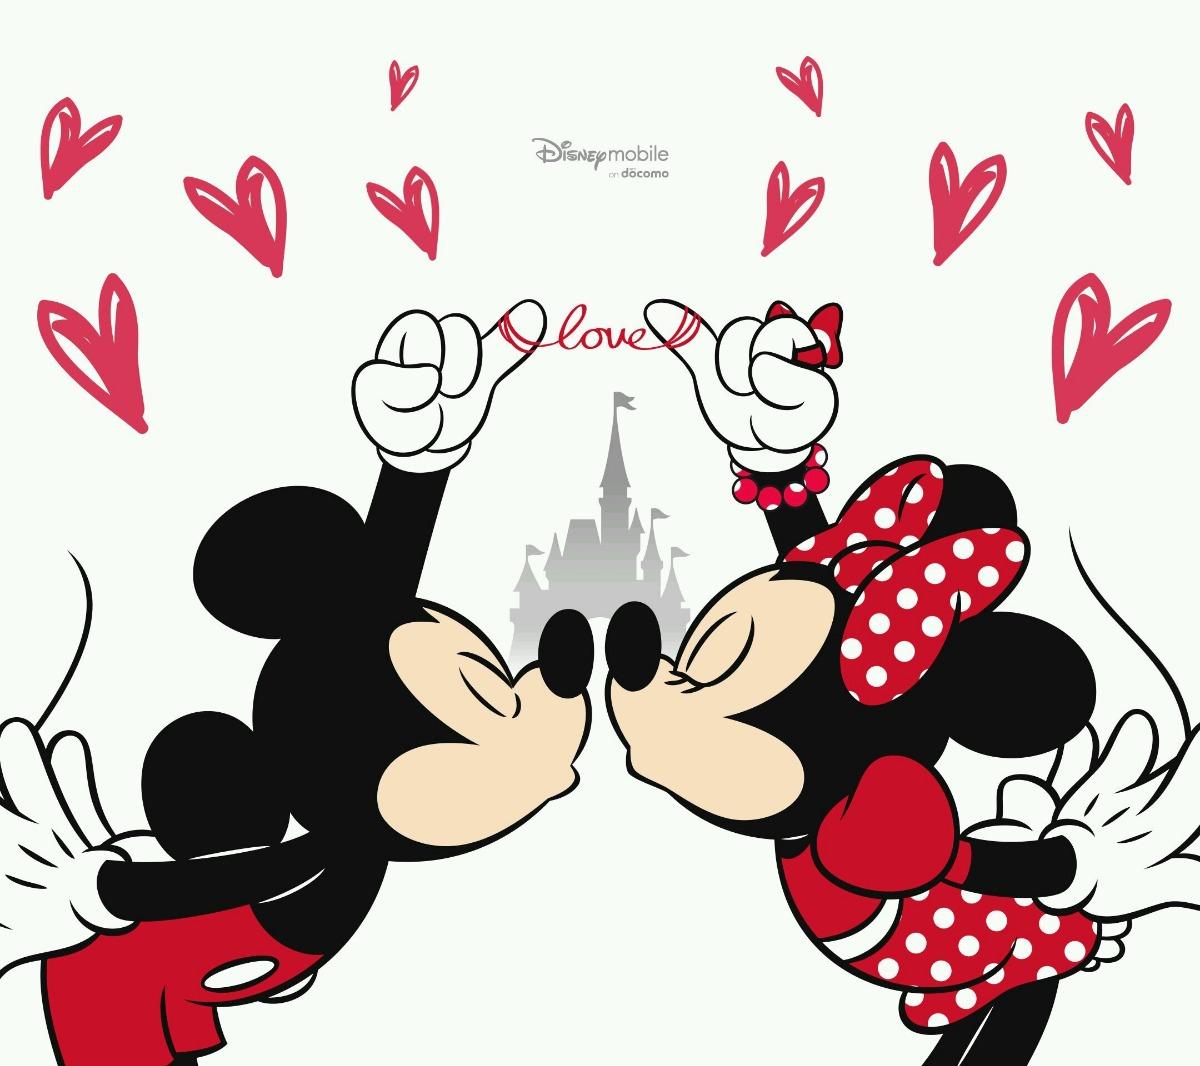 Artesanato Suely Mooca ~ Papel De Parede Auto Adesivo Decoraç u00e3o Mickey E Minnie 3m u00b2 R$ 98,90 em Mercado Livre